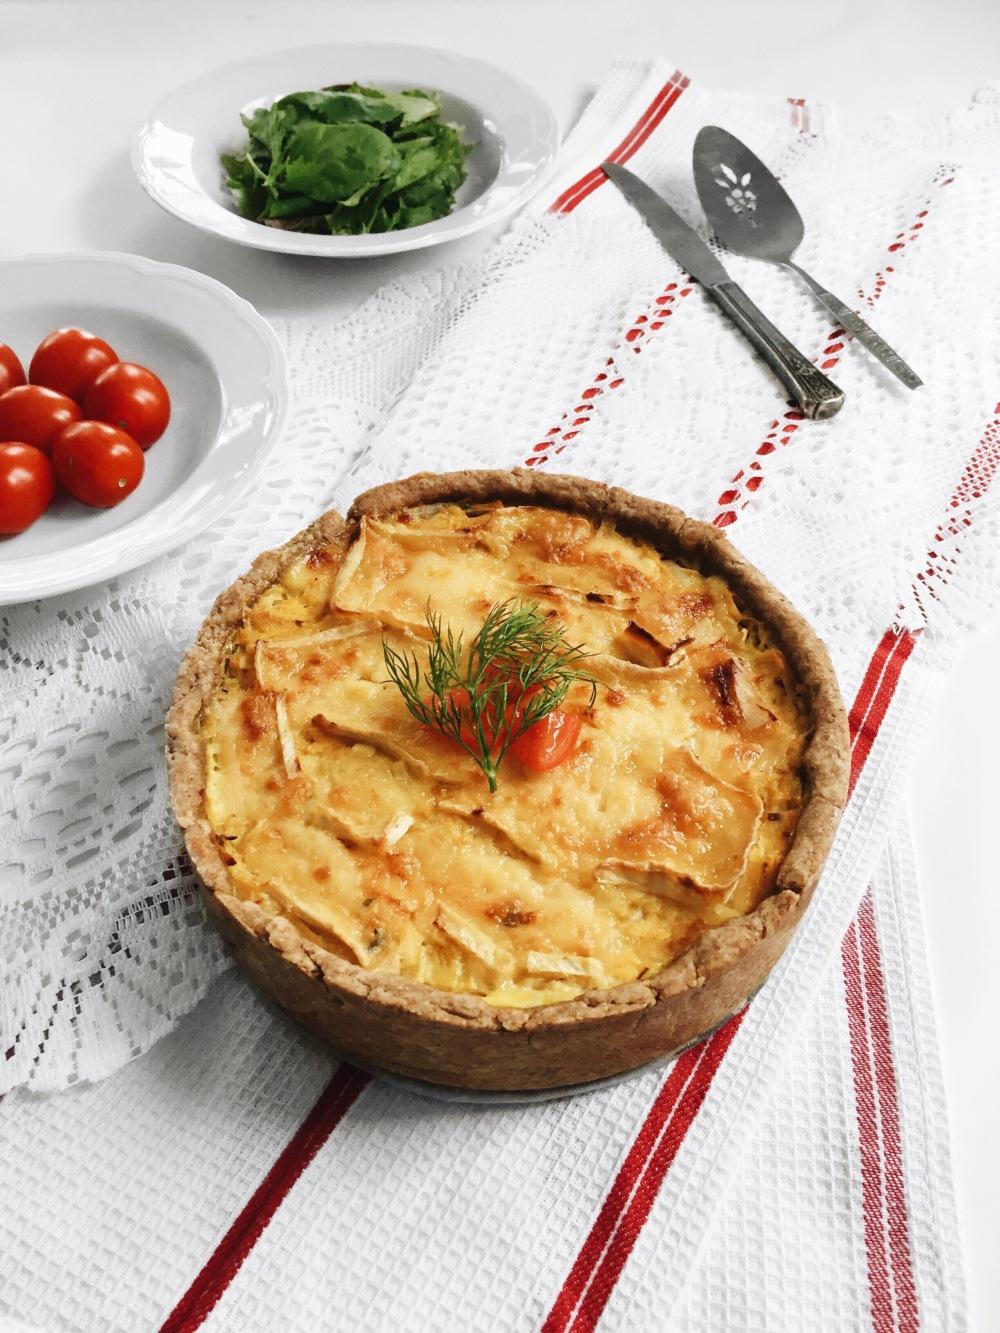 tarte salée au fromage triple crème, aux oignons, au navet et à l'ail